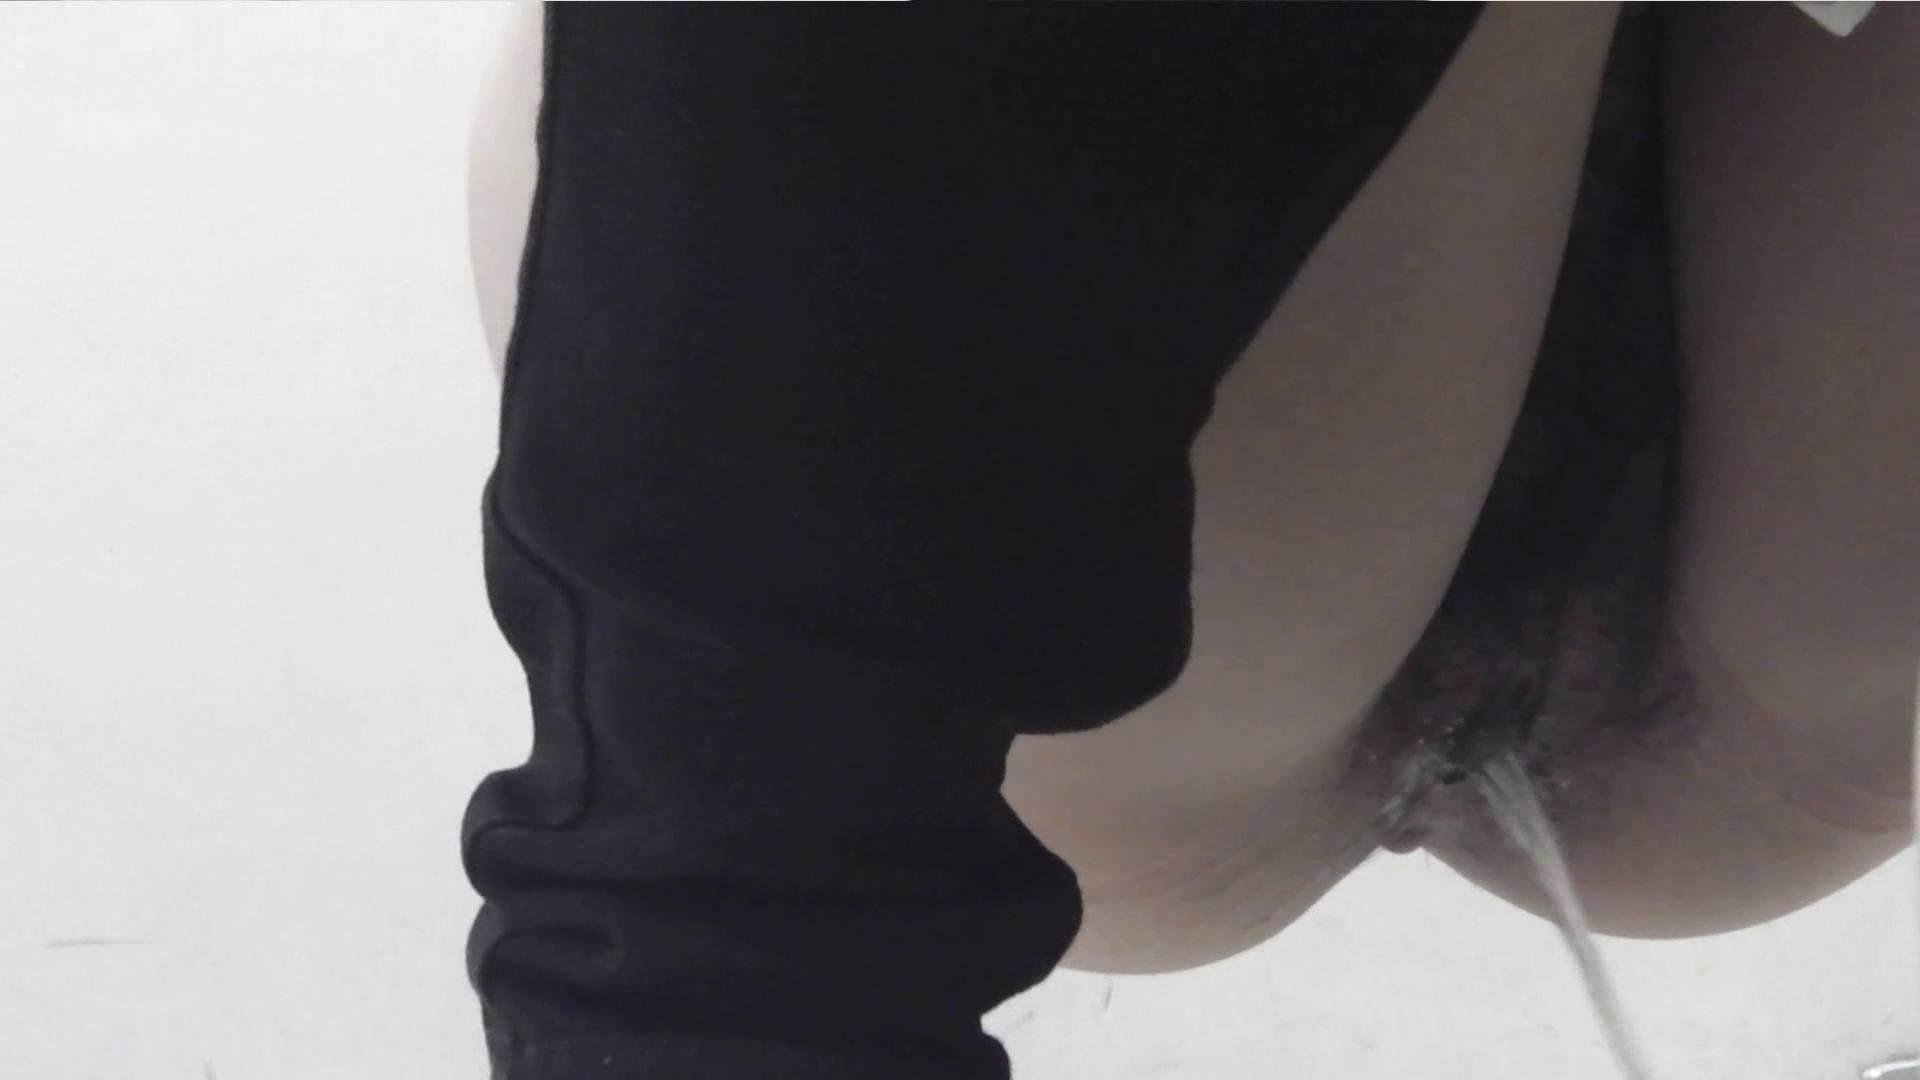 【美しき個室な世界】 vol.025 メガネ属性ヾ(´∀`)ノ 高画質 濡れ場動画紹介 84画像 71